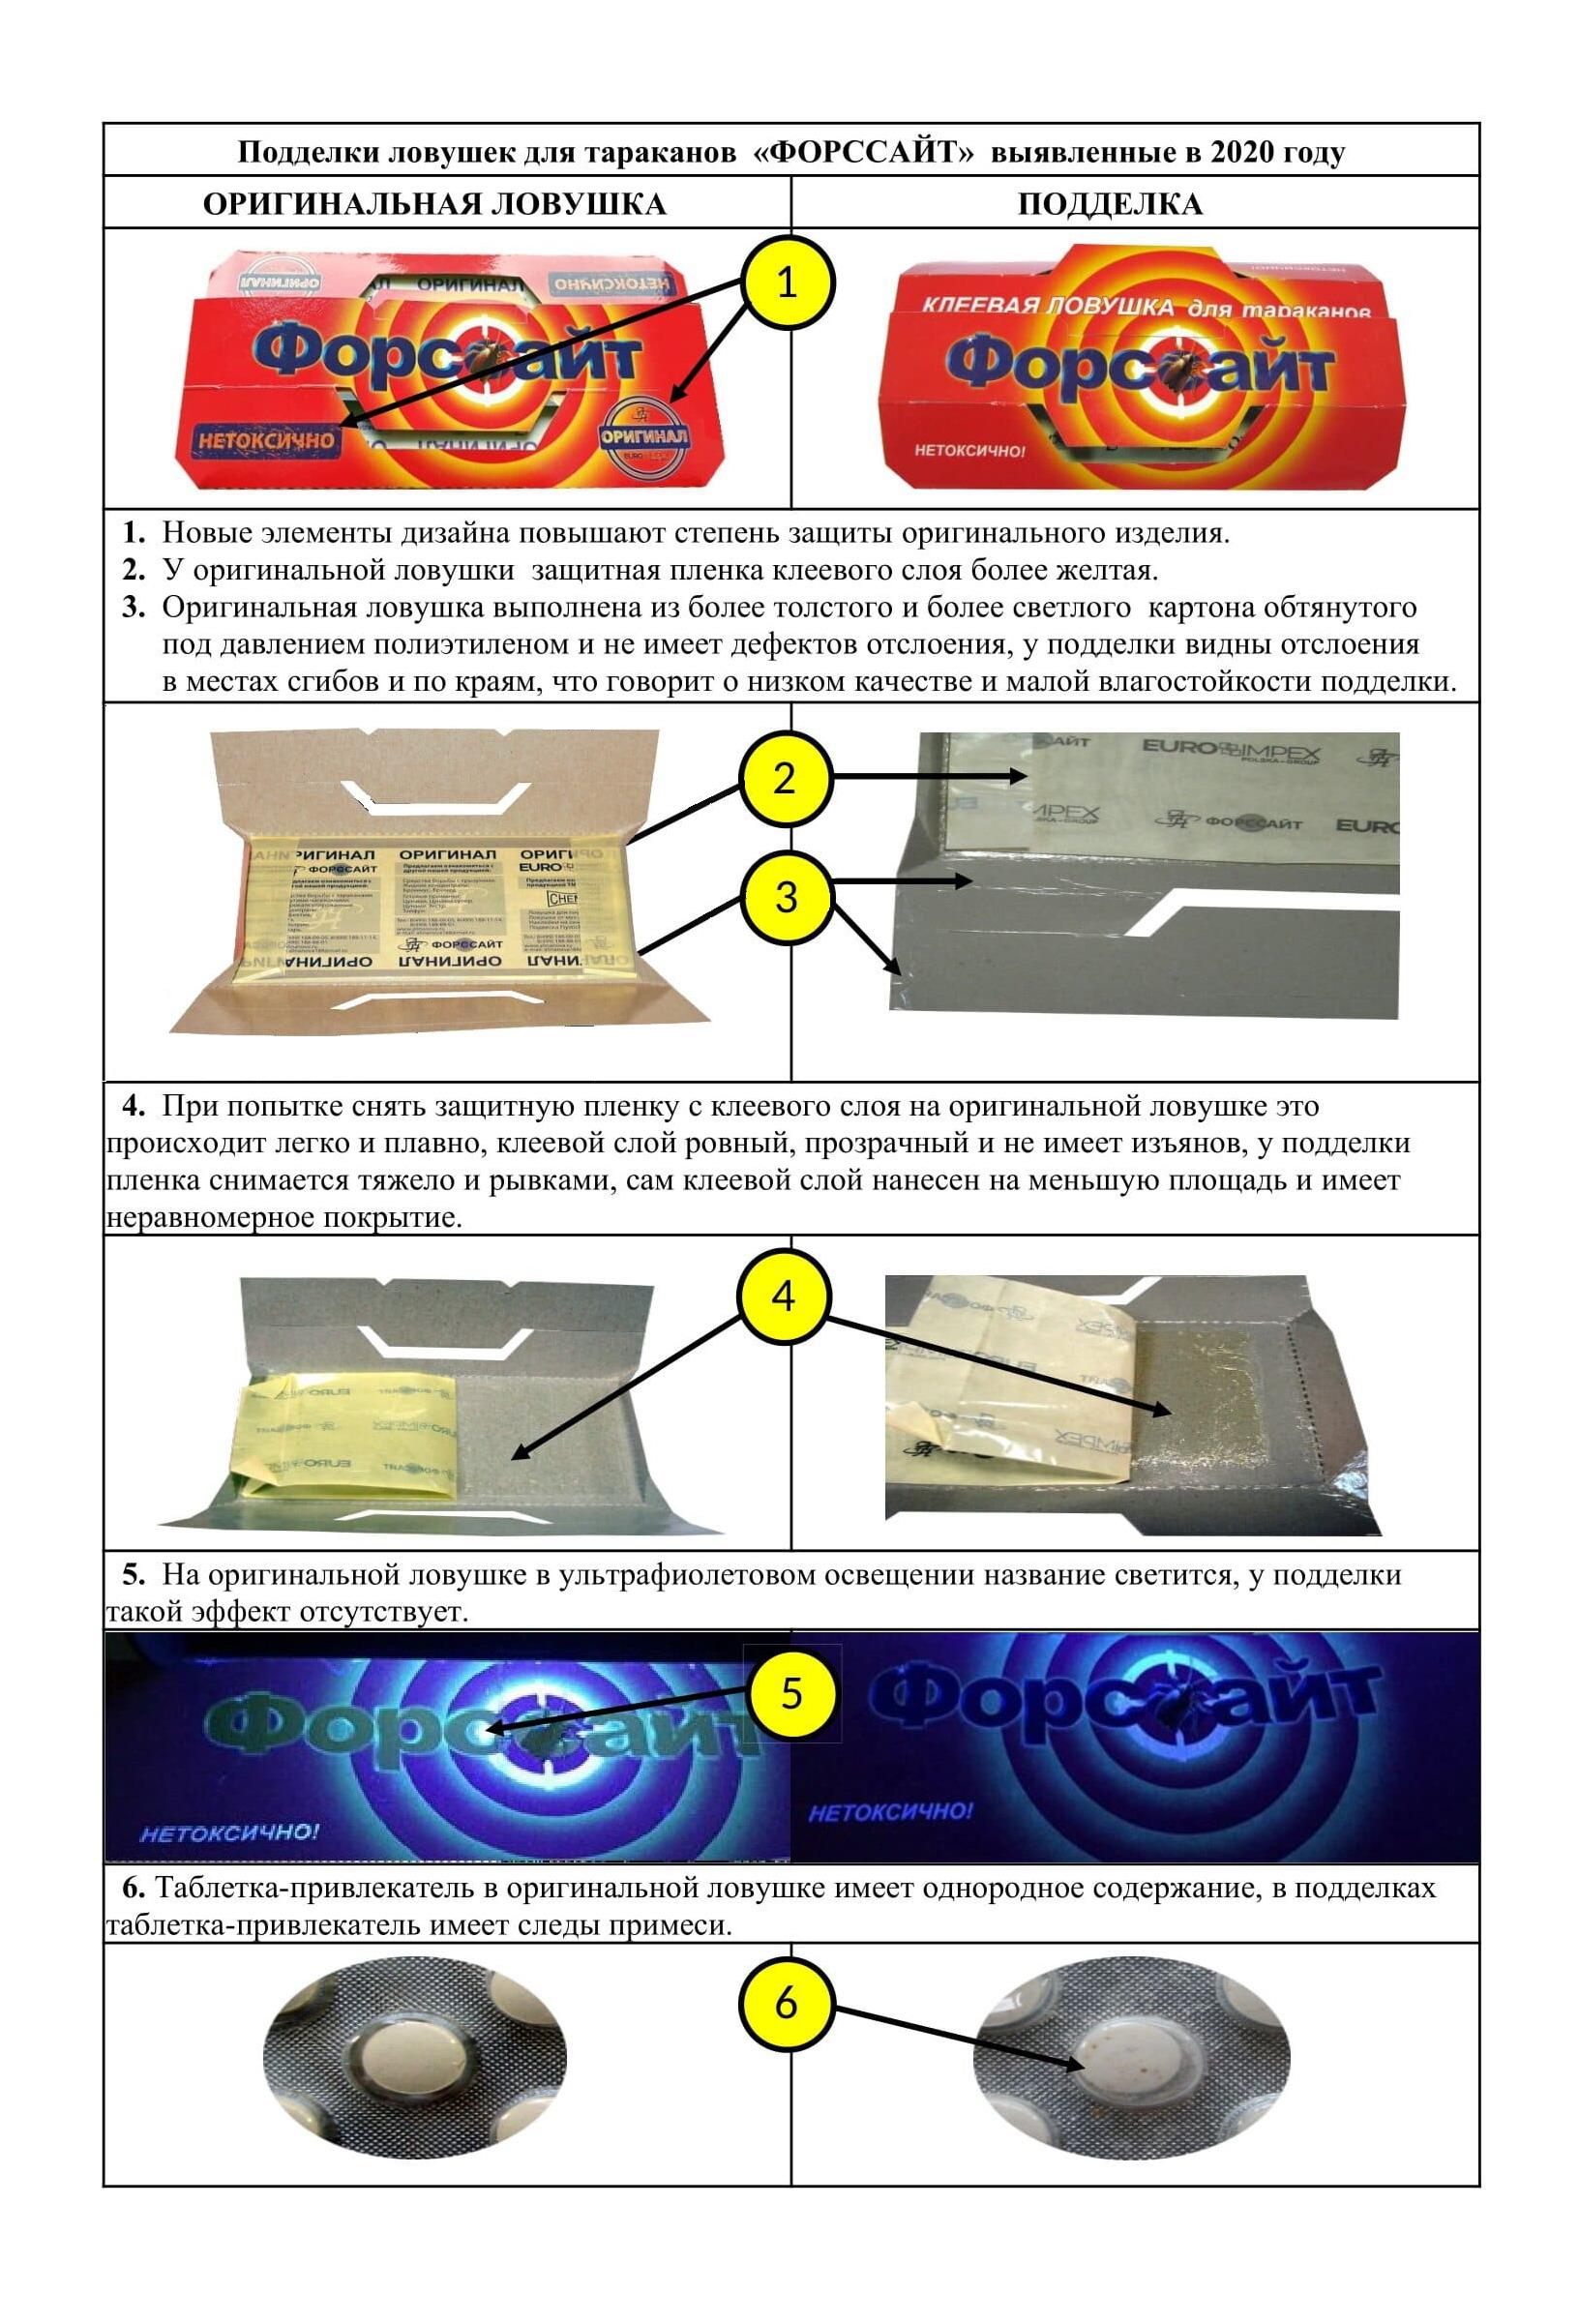 таблица отличительных особенностей оригинальной ловушки